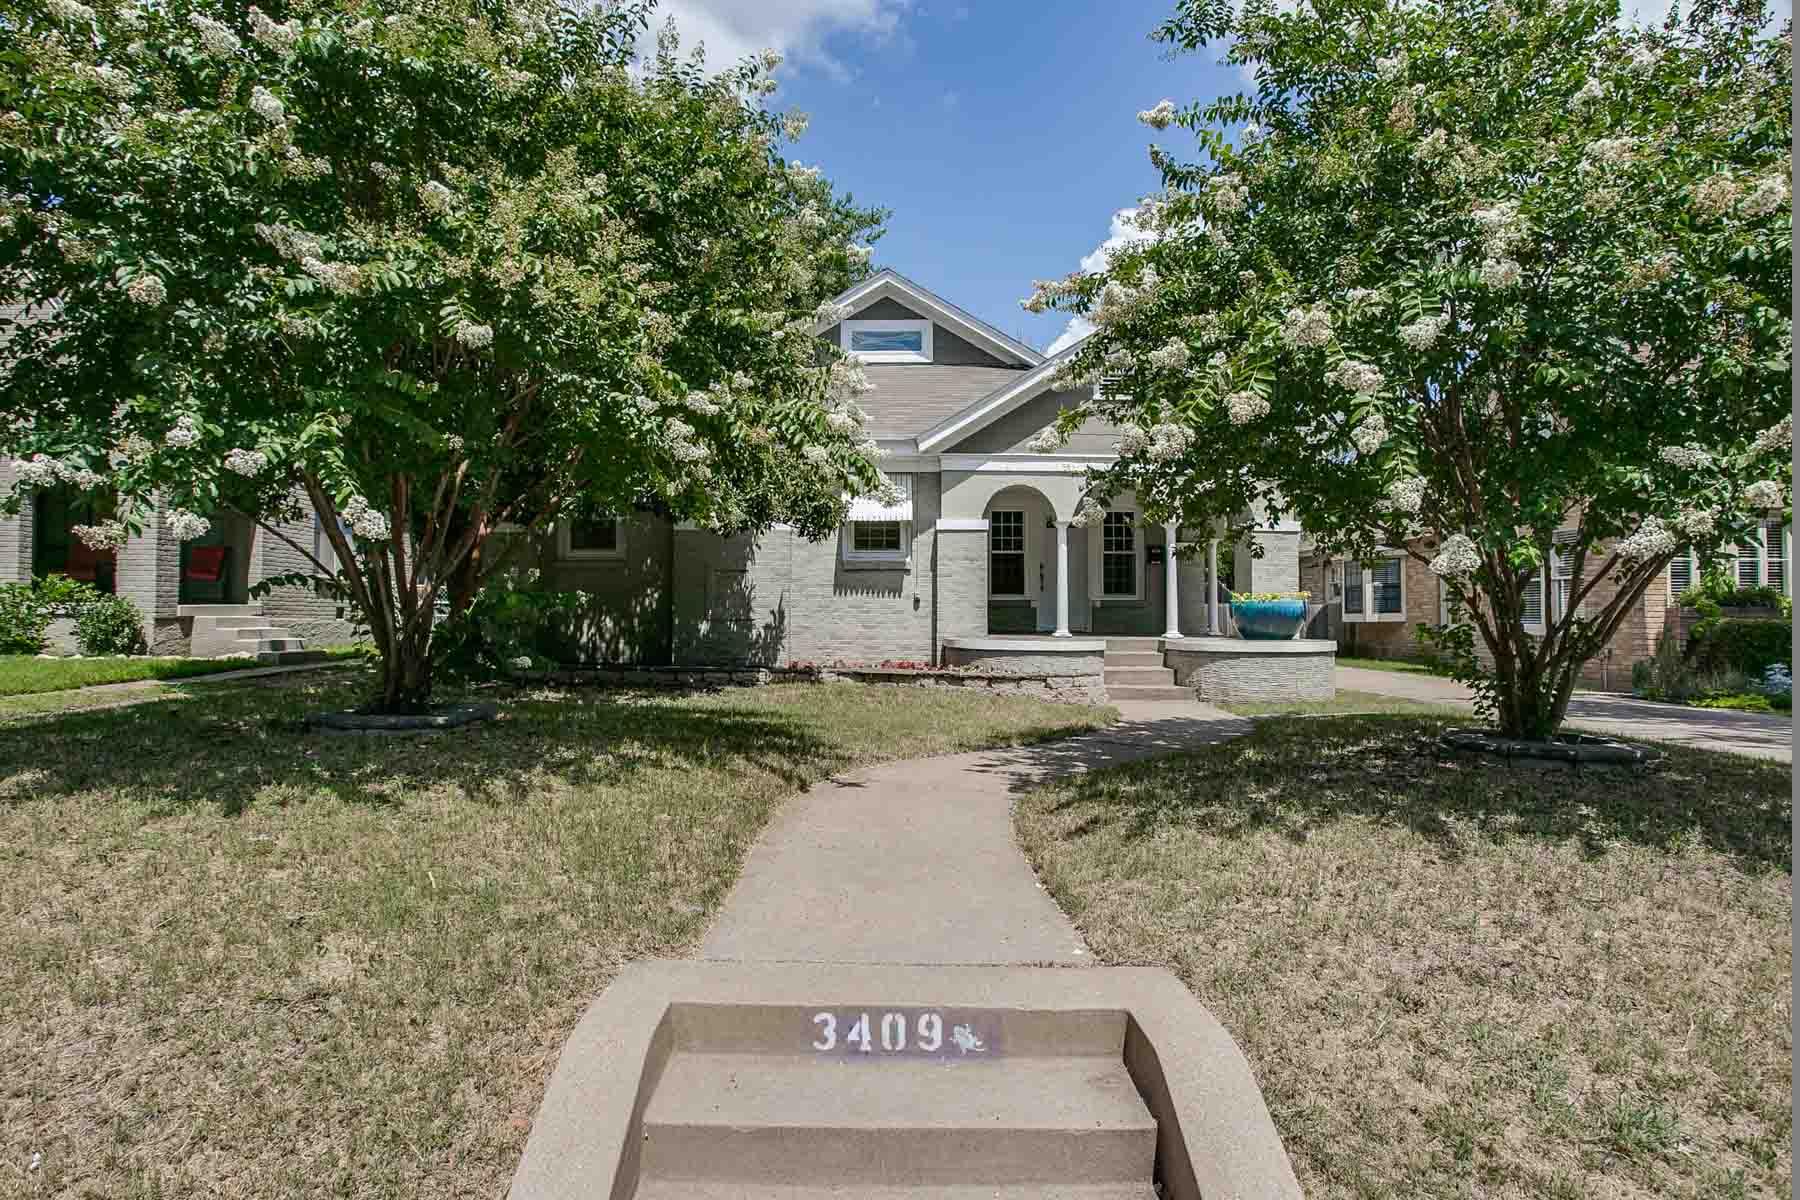 단독 가정 주택 용 매매 에 Bluebonnet Hills, TCU Area 3409 Rogers Avenue Fort Worth, 텍사스, 76109 미국